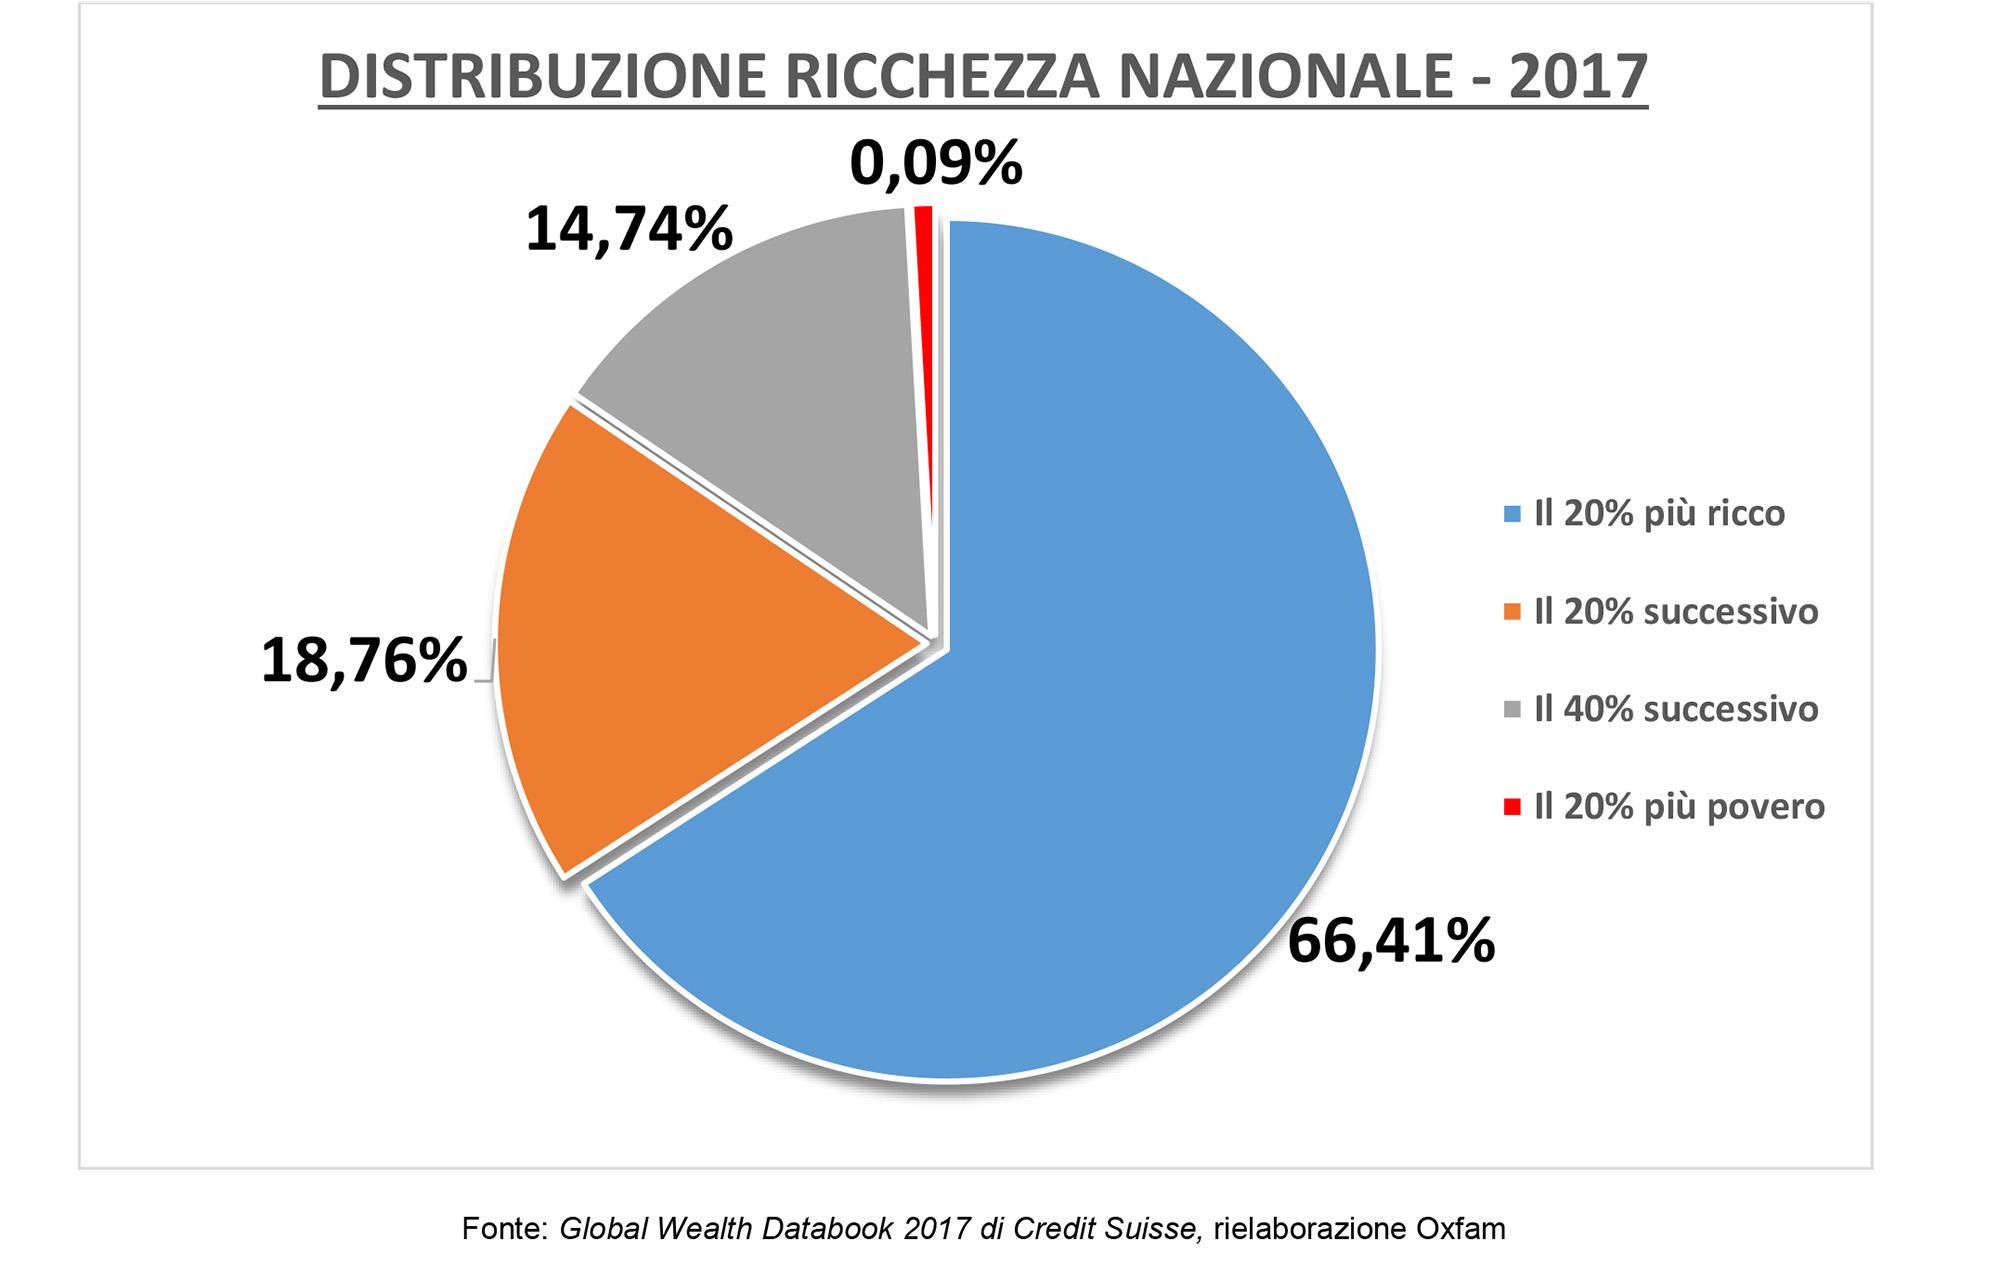 Distribuzione ricchzza nazionale in Italia 2017